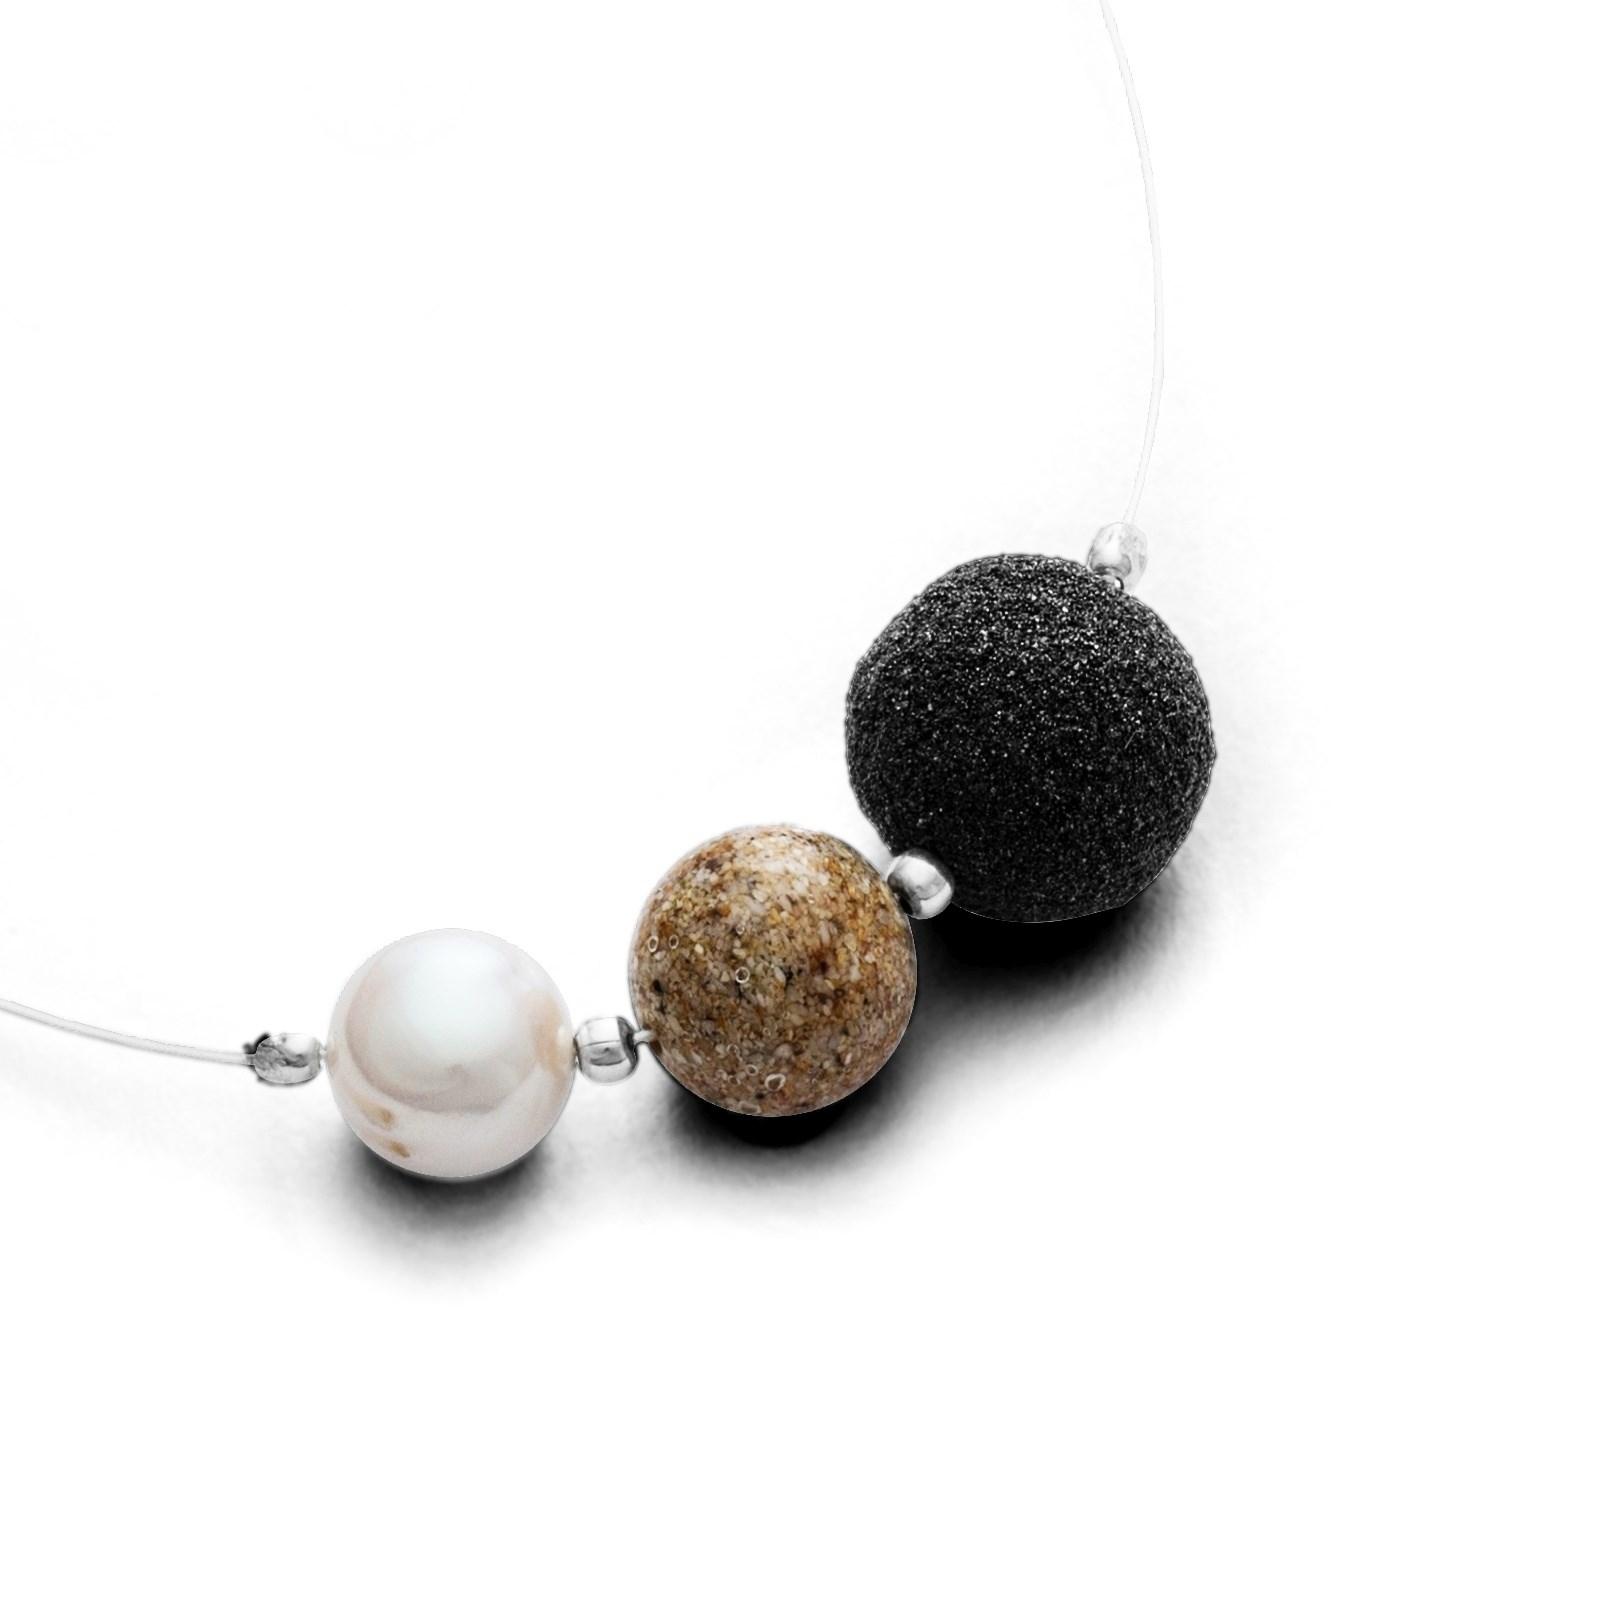 Feiner Kettenreif Treibsand mit Lavasand-, Strandsandkugel und Perle 925er Silber